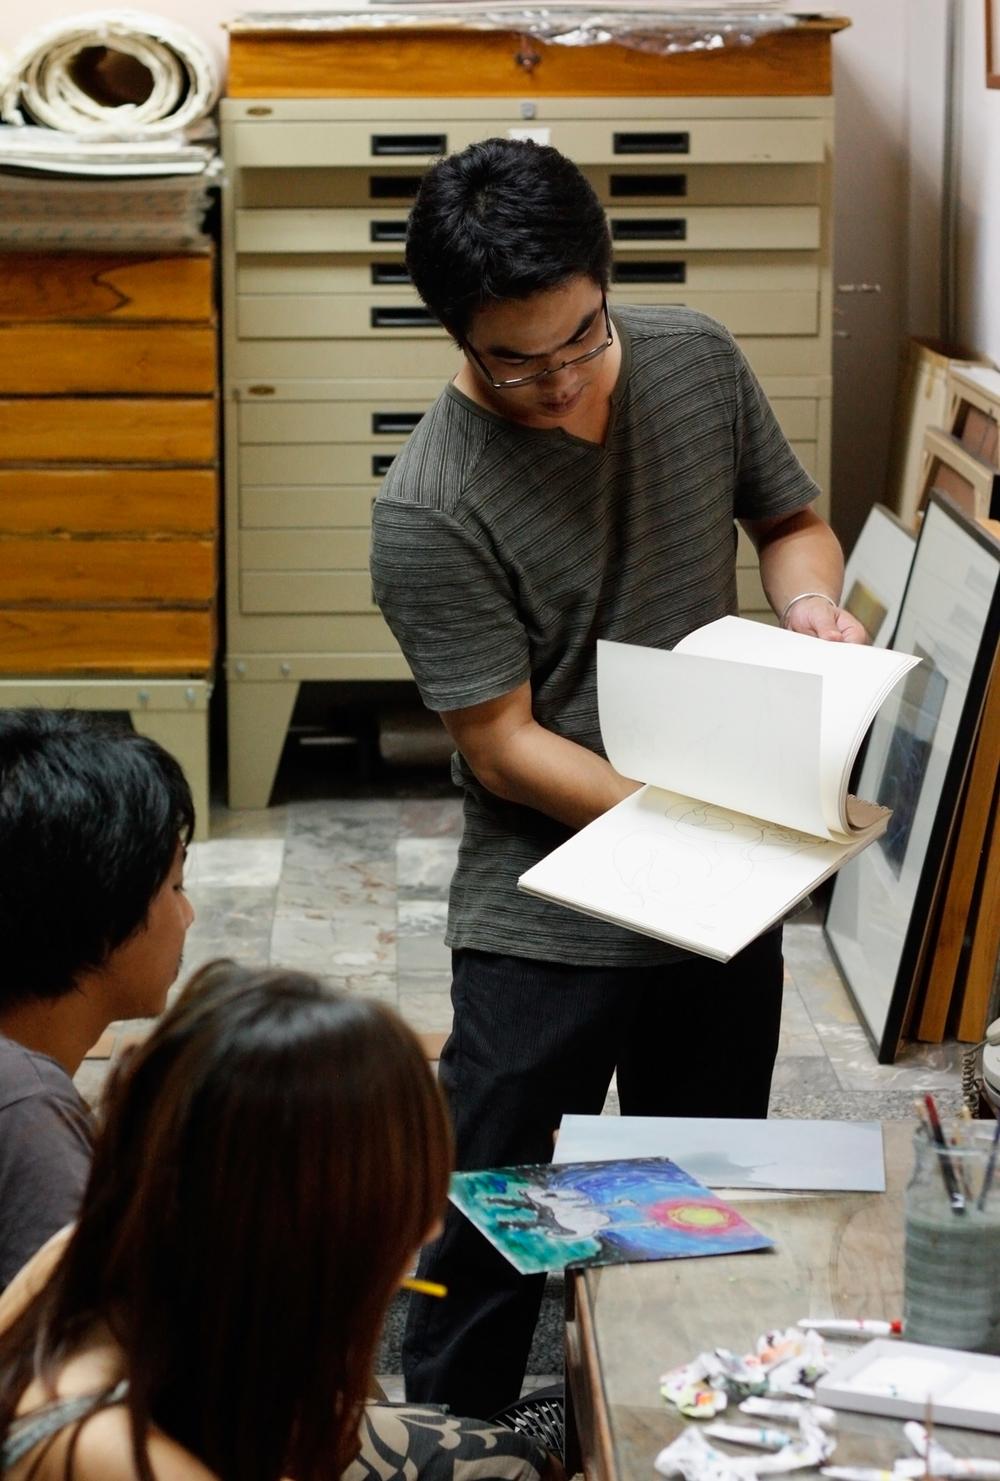 Kitikong Tilokwattanotai at C.A.P studio